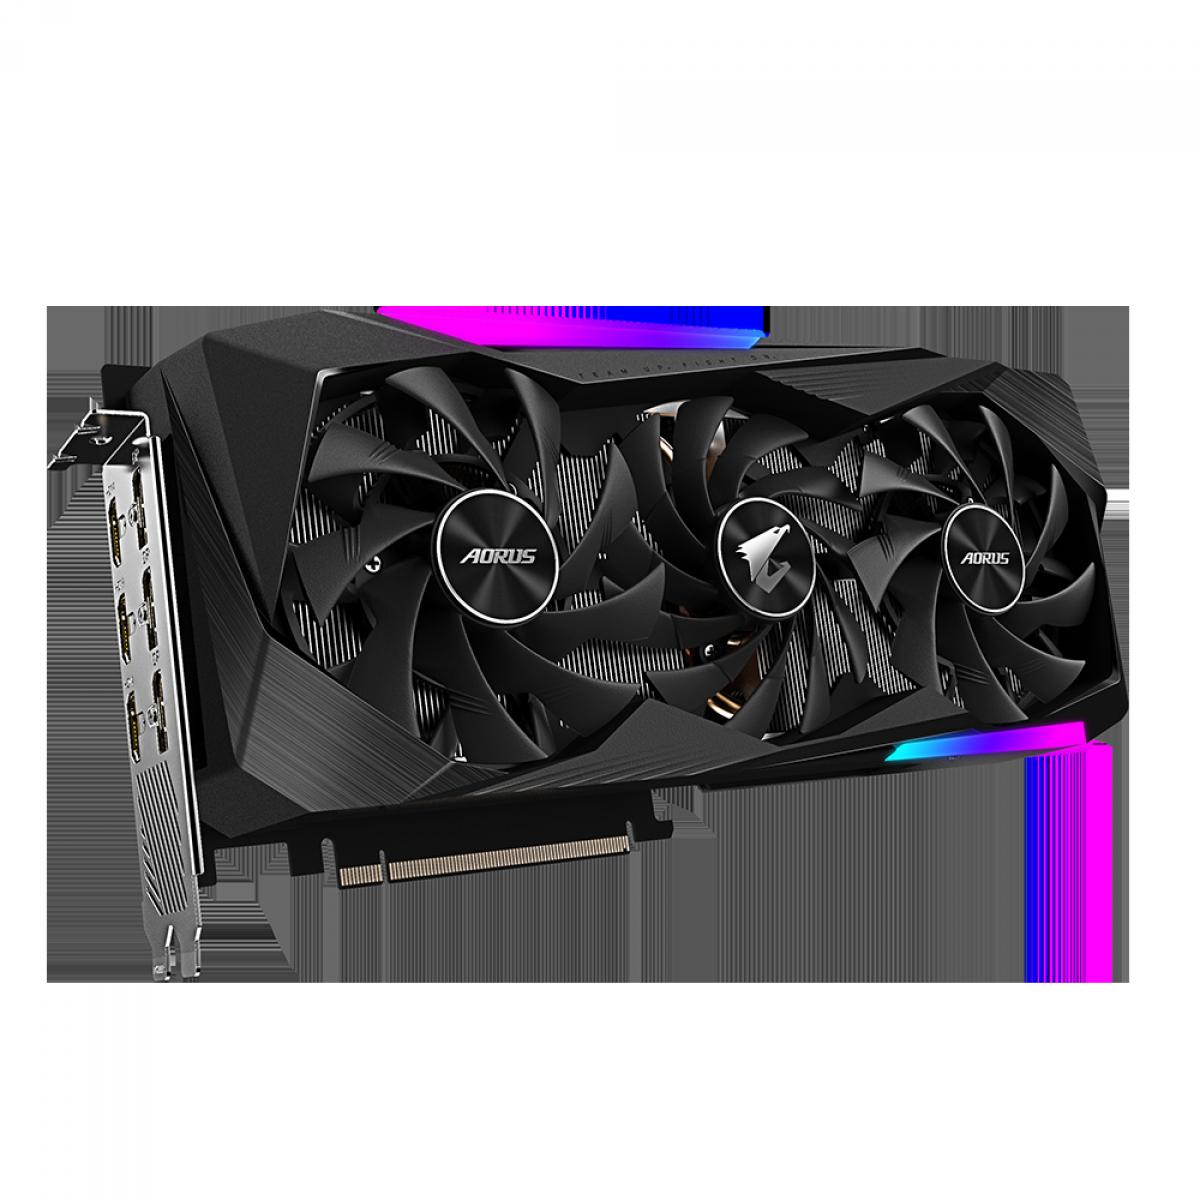 Placa de Vídeo Gigabyte AORUS GeForce RTX 3070 Master, 8GB, GDDR6, 256bit, GV-N3070AORUS M-8GD